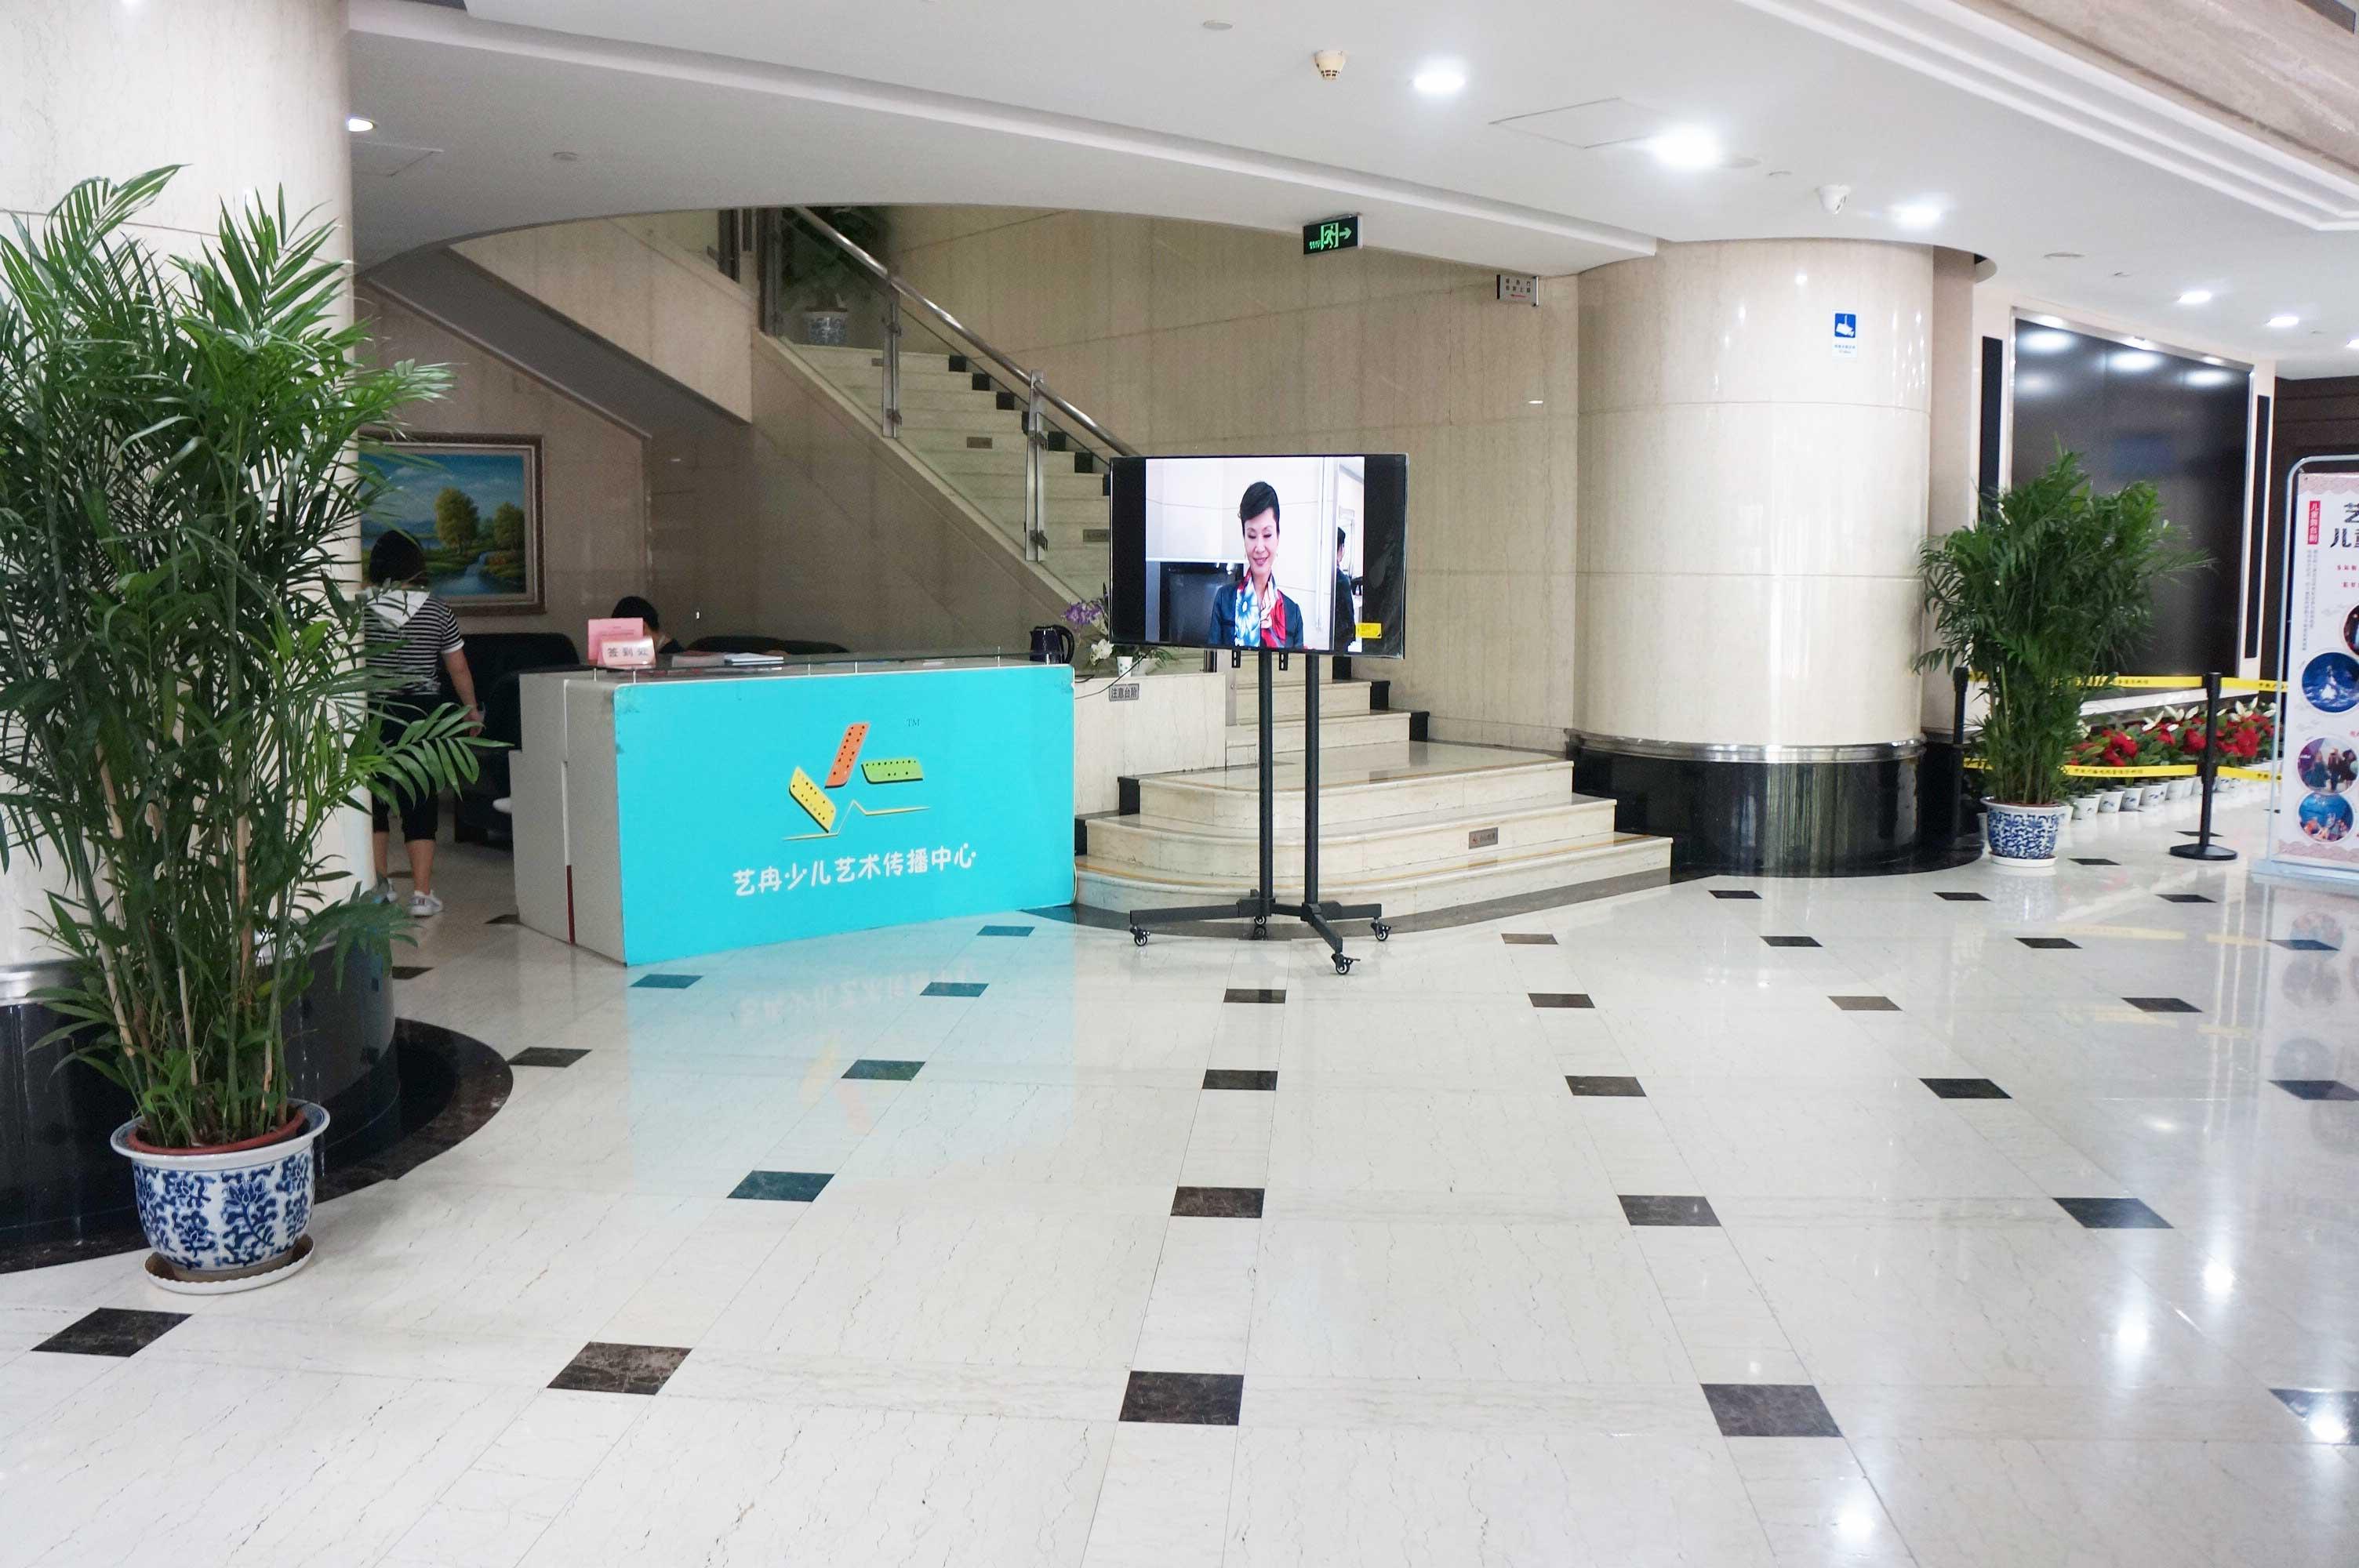 艺冉少儿艺术传播中心前台大厅